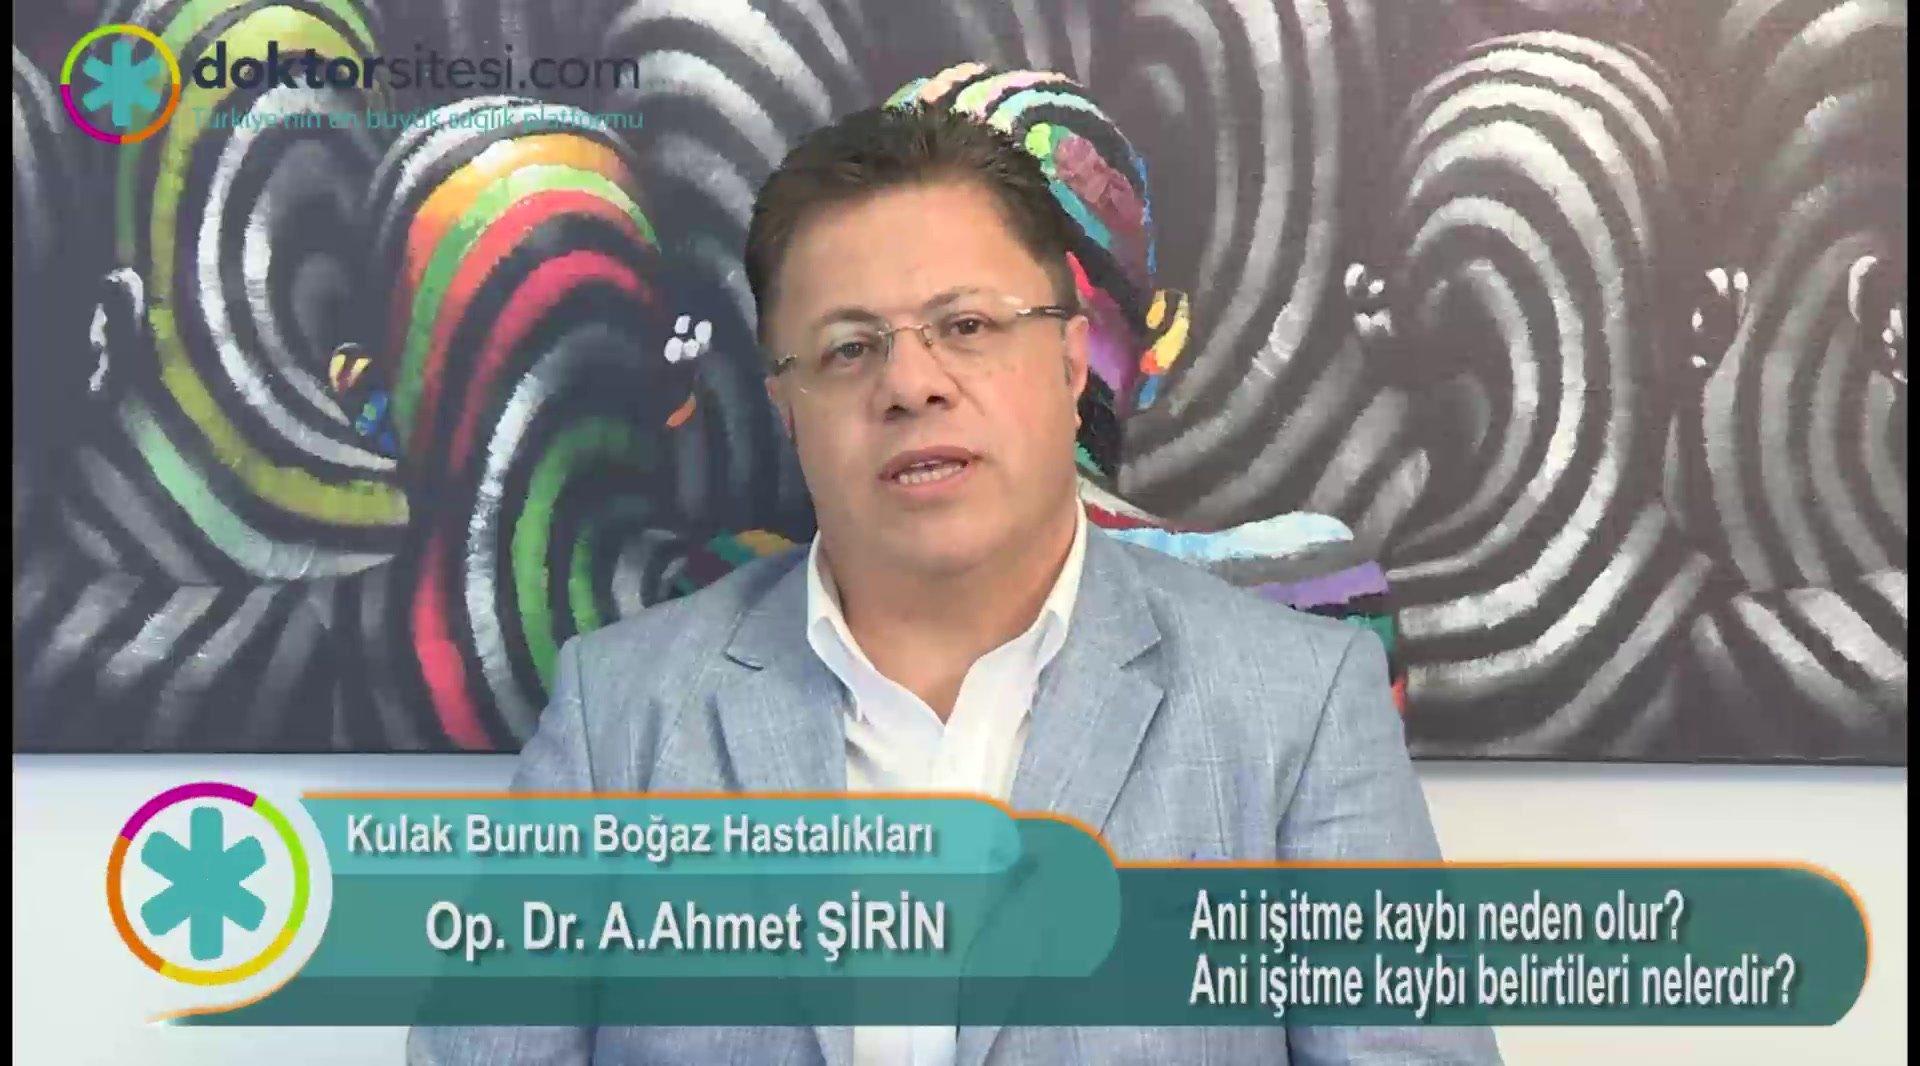 """Ani işitme kaybı neden olur? Ani işitme kaybı belirtileri nelerdir? """"Op. Dr. Ahmet  ŞIRIN"""""""